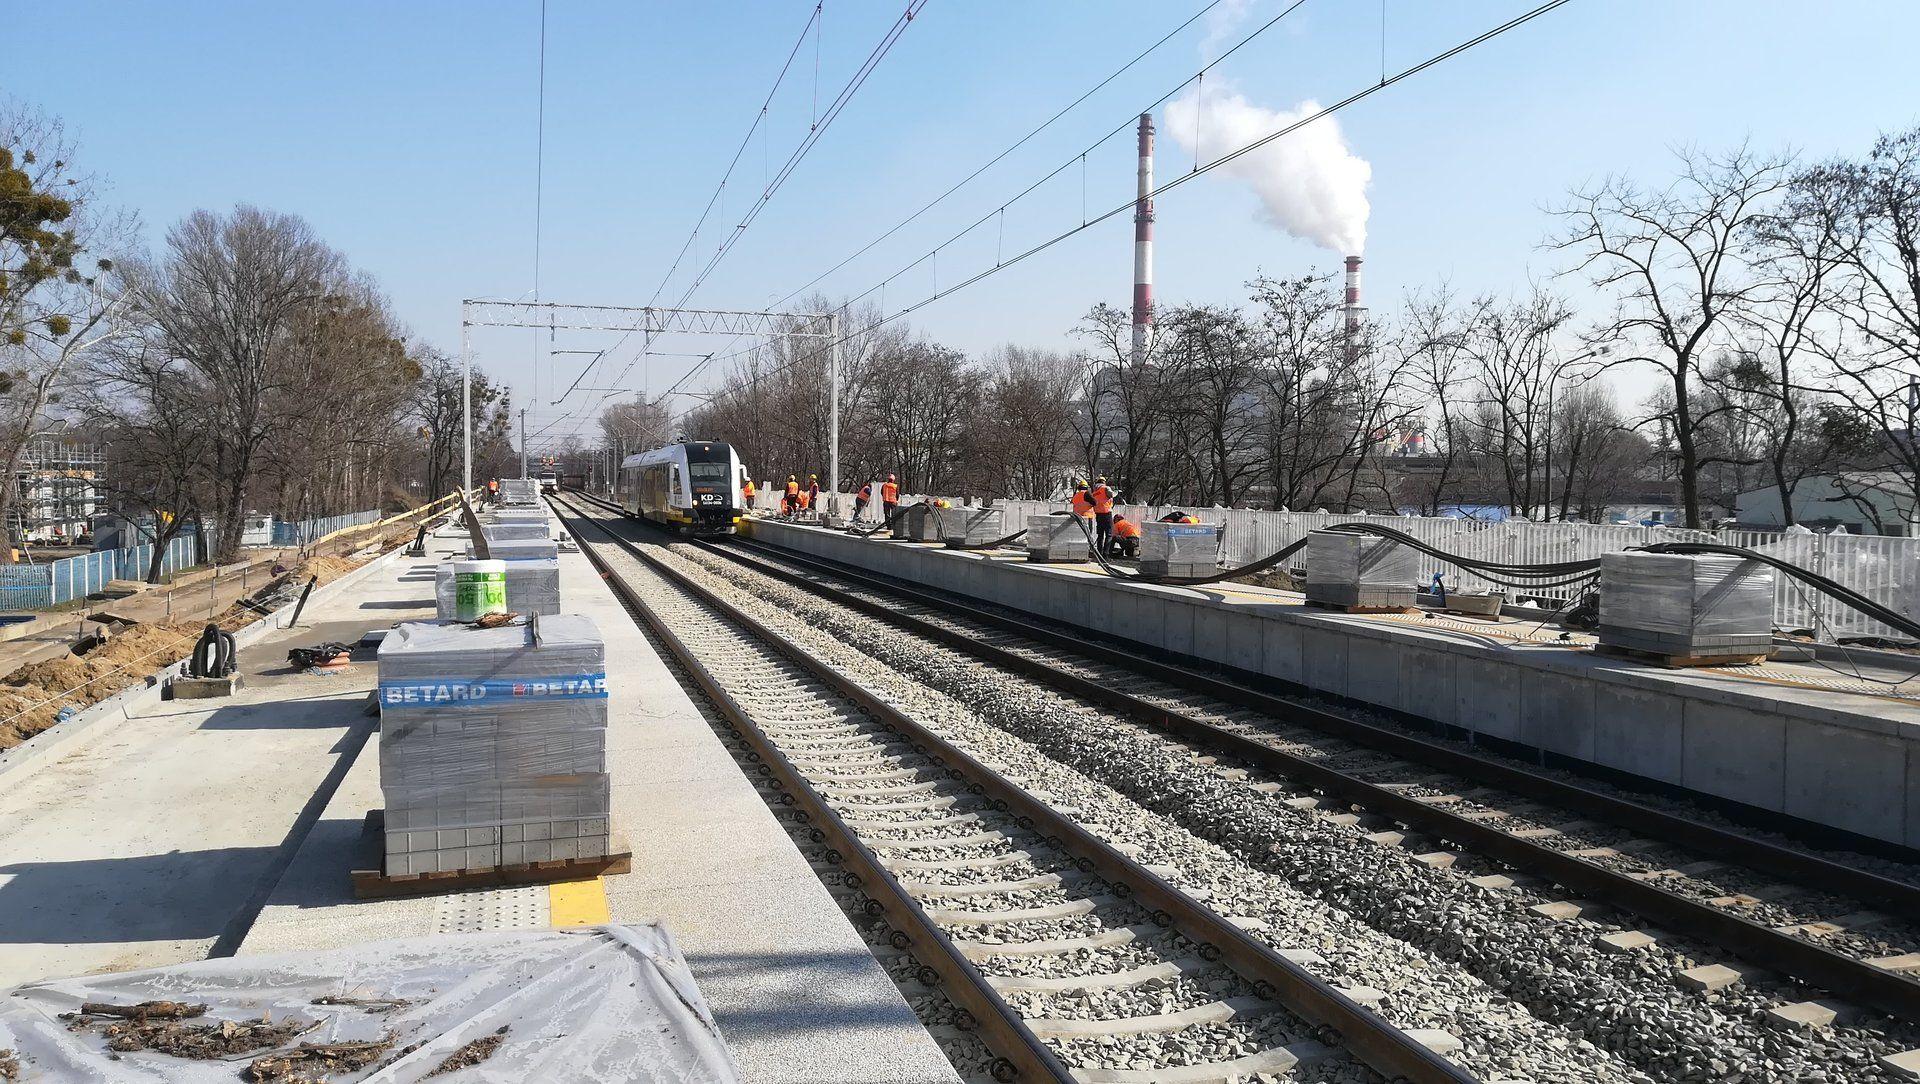 Zakończył się kolejny etap budowy przystanku kolejowego Wrocław Szczepin